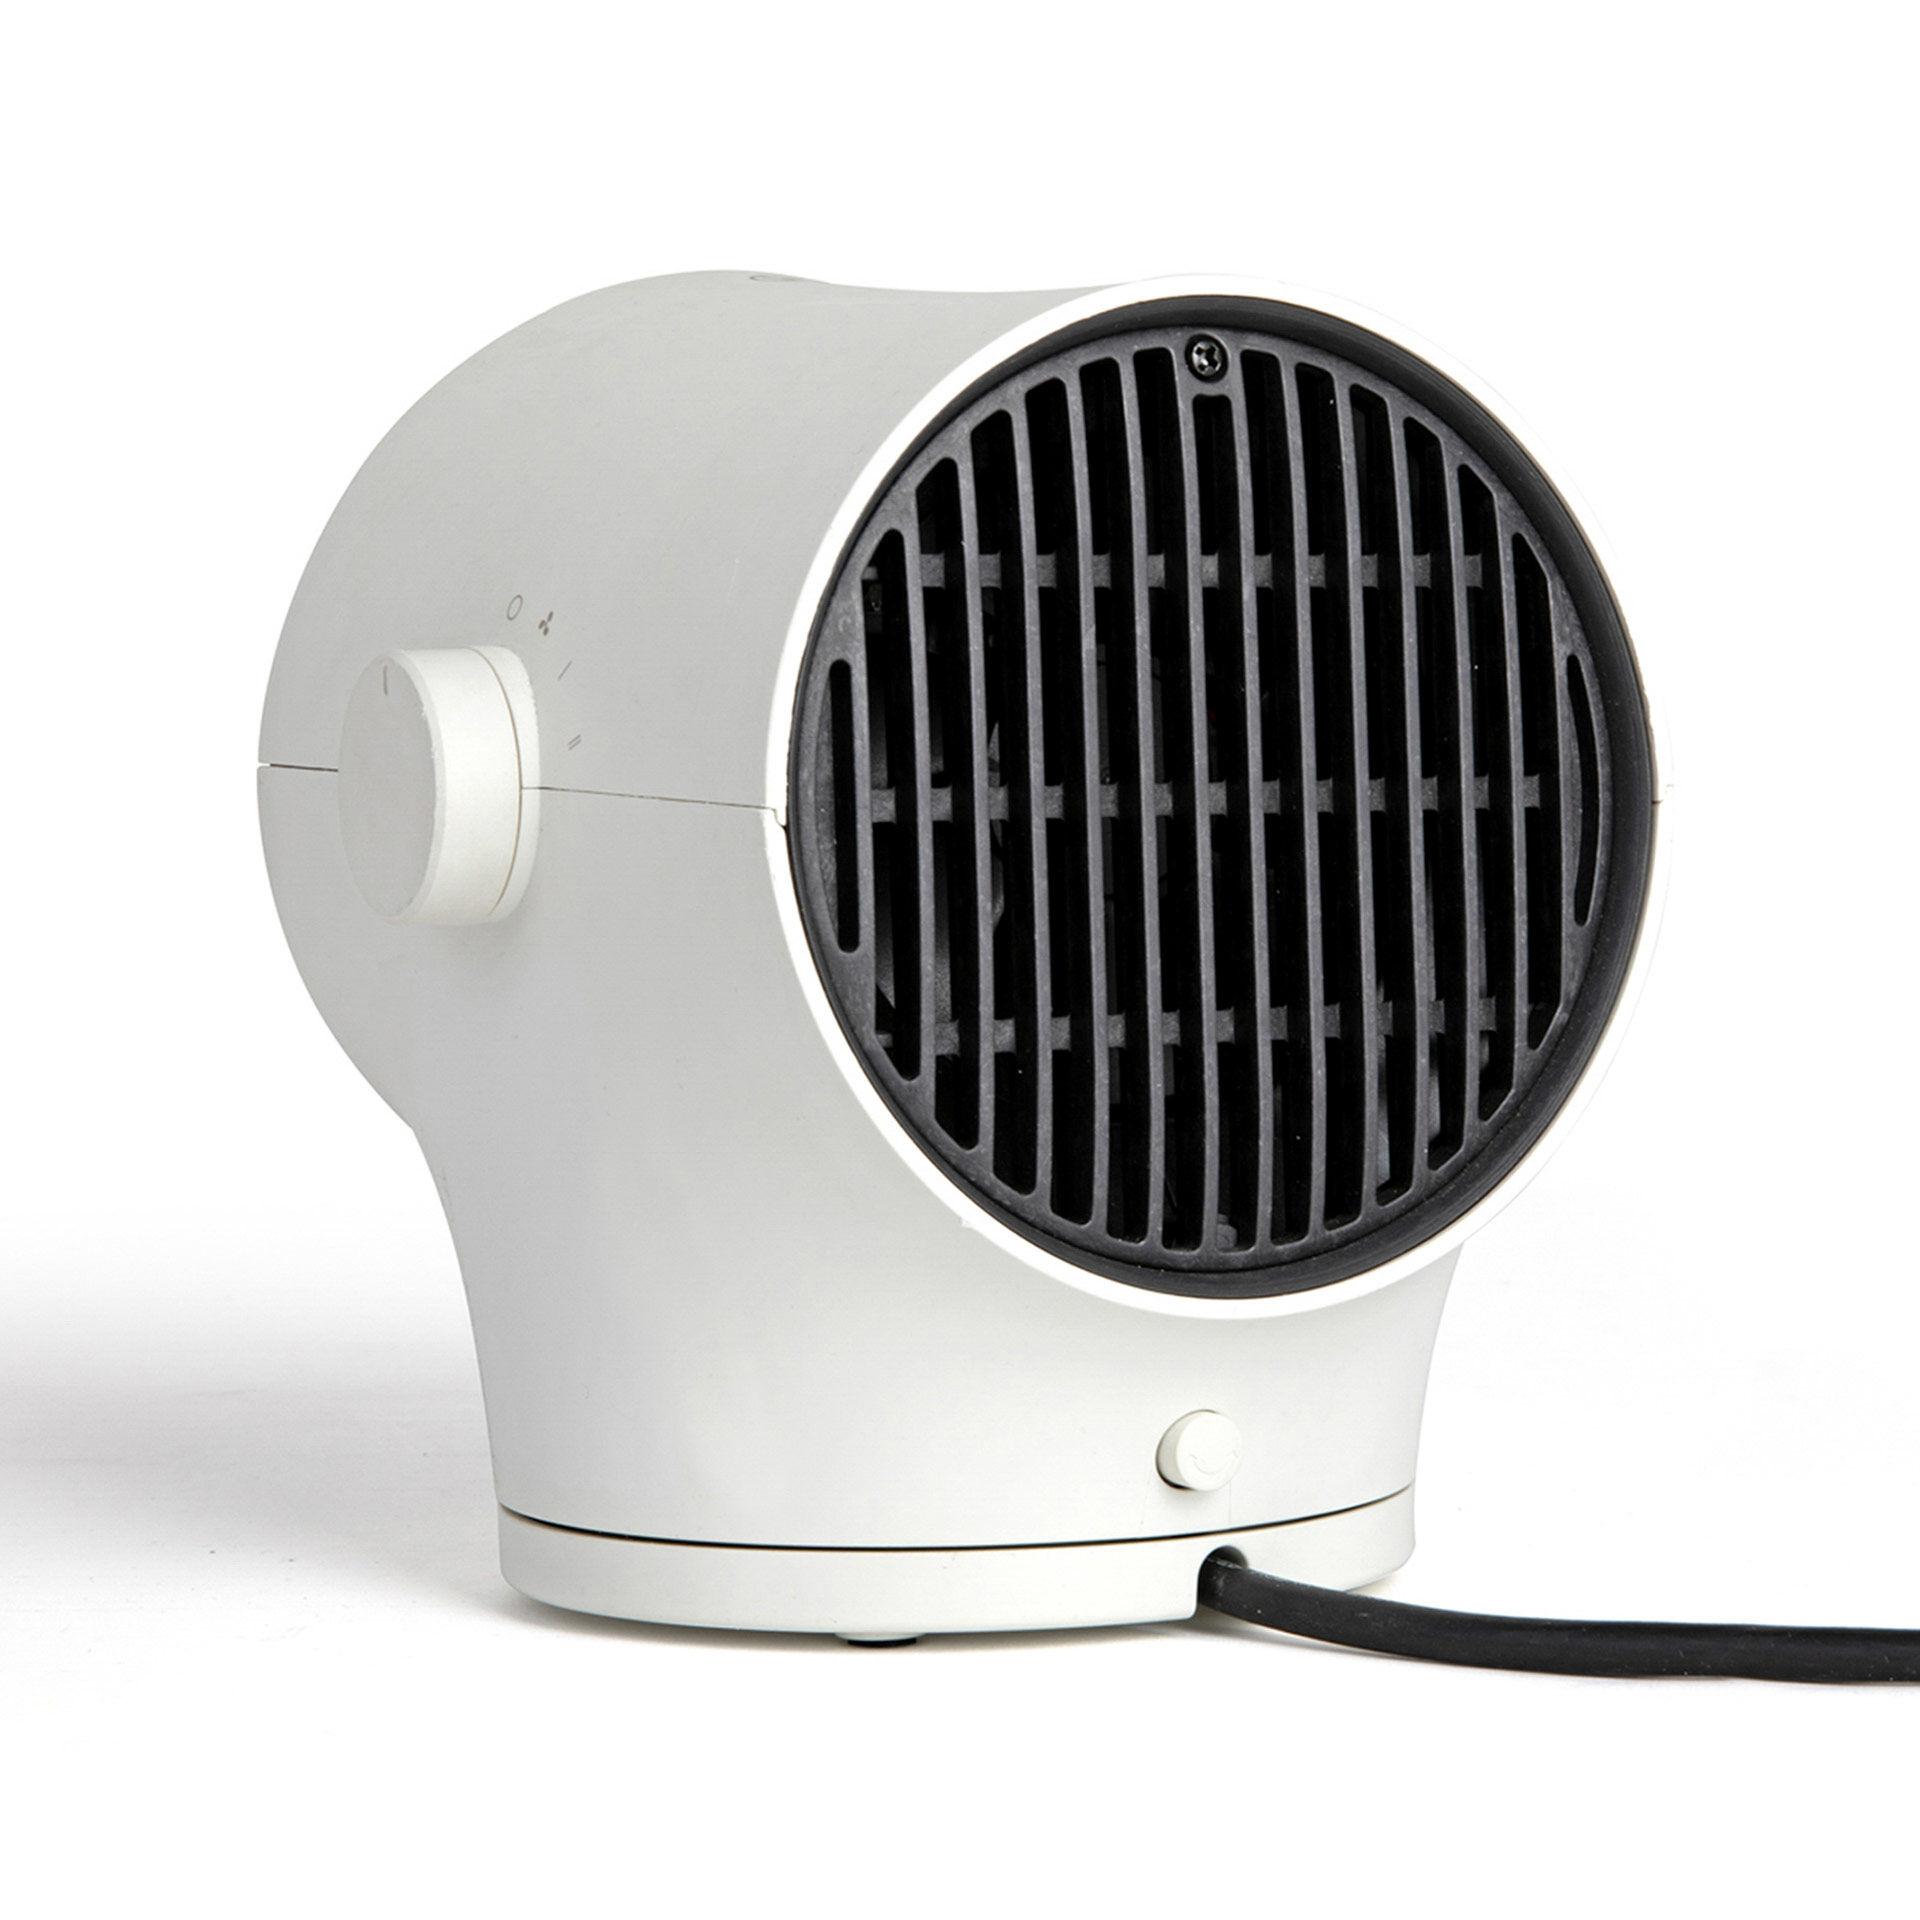 Radiateur électrique tournant portable en céramique, , large